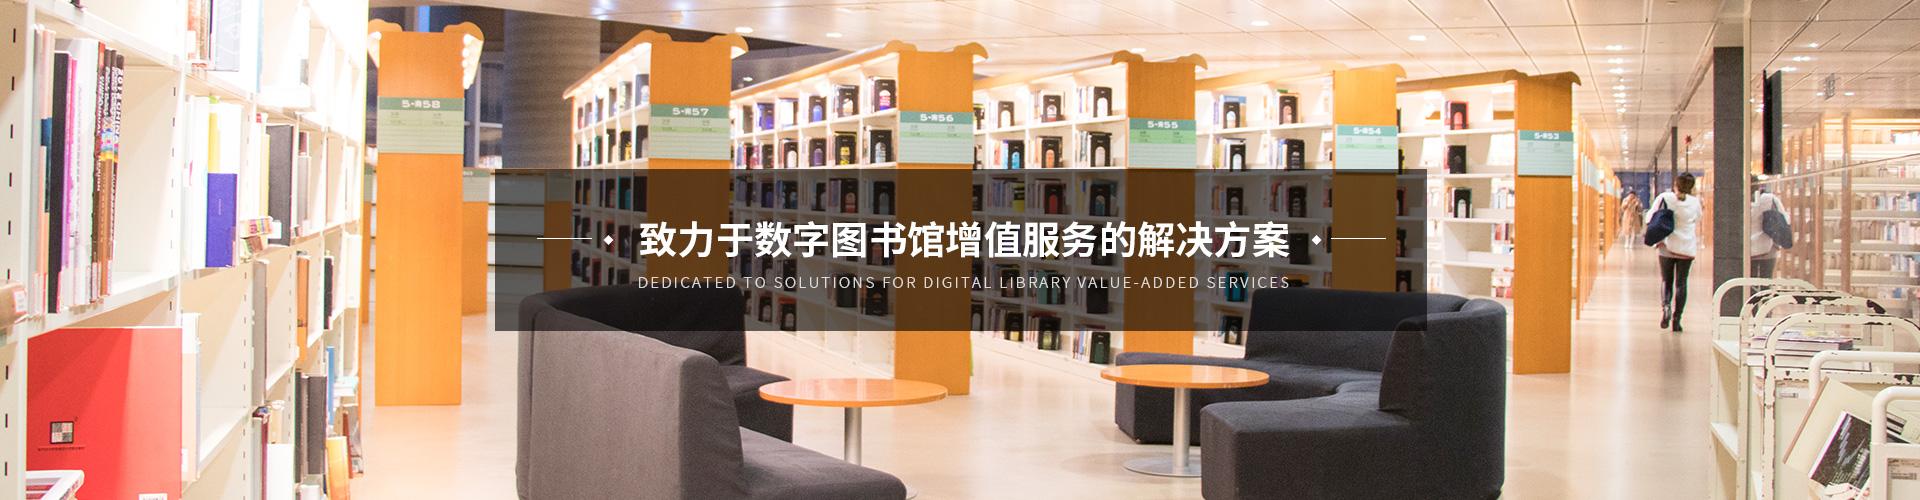 上海半坡网络技术有限公司